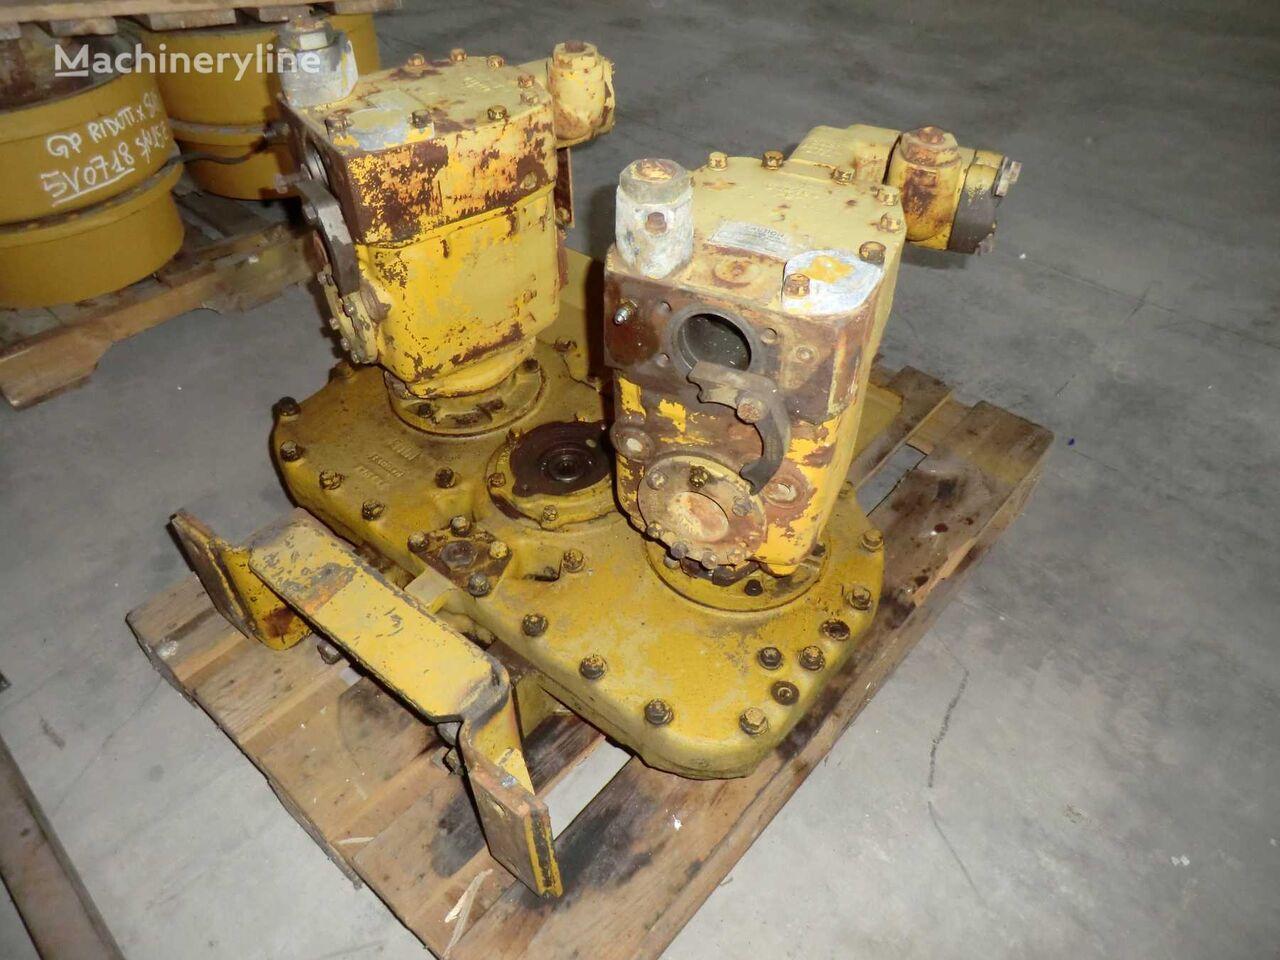 HYDRAULIC PUMP AND TRANSFER 76U01430 hydraulic pump for CATERPILLAR 225  excavator